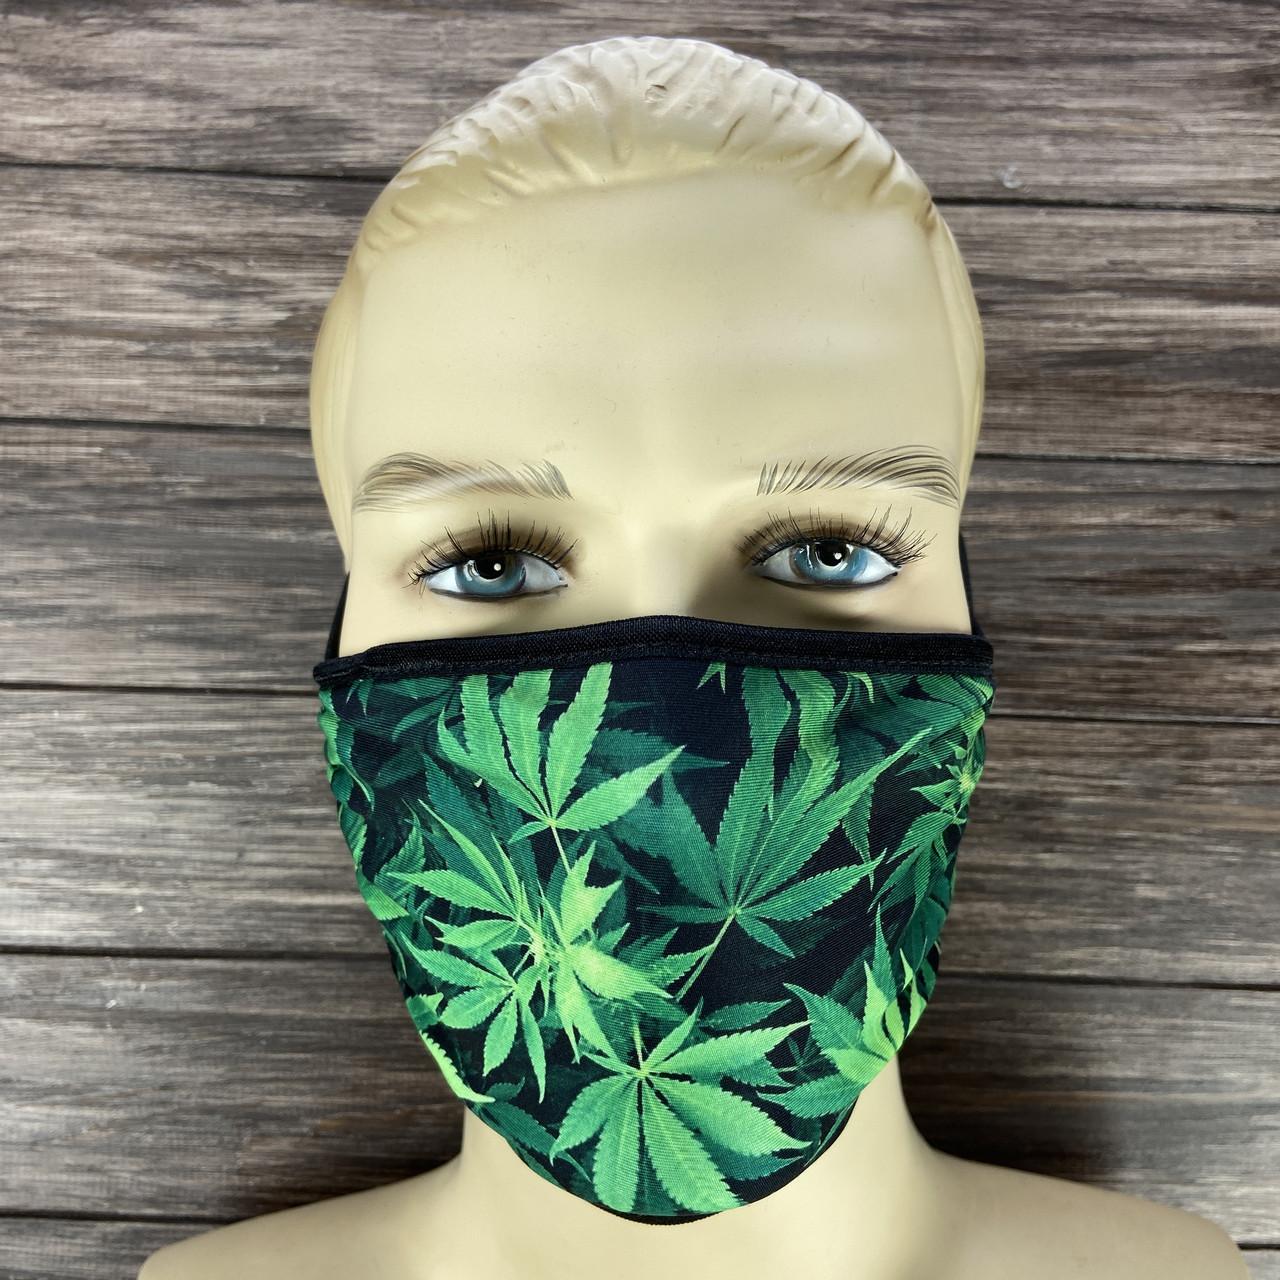 Где купить марихуану в одессе какое действие марихуаны